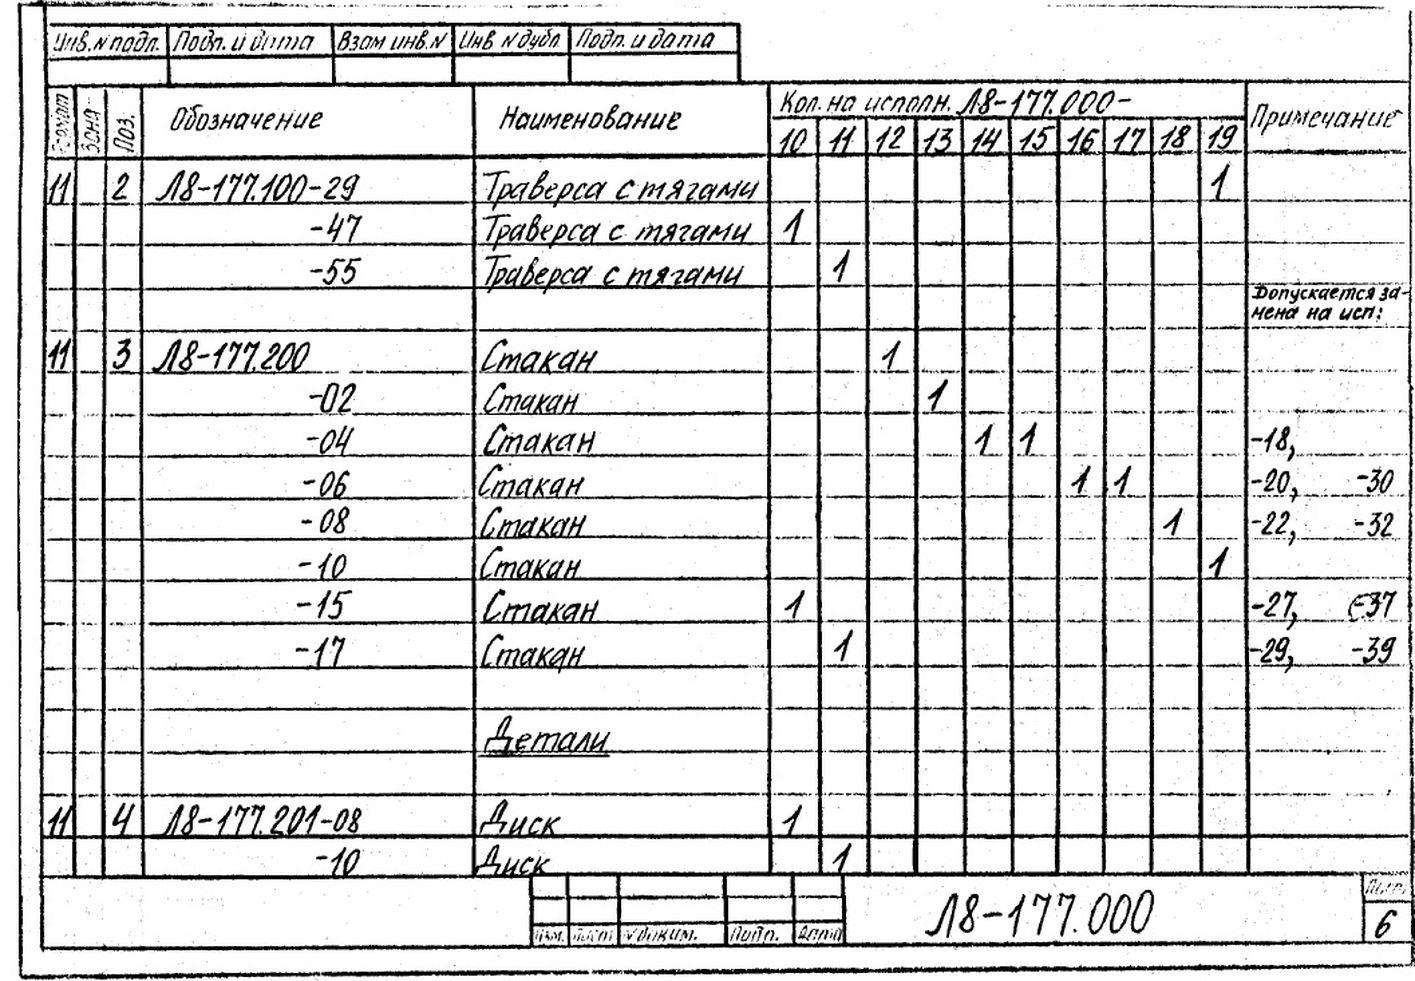 Блок пружинный Л8-177.000 стр.8